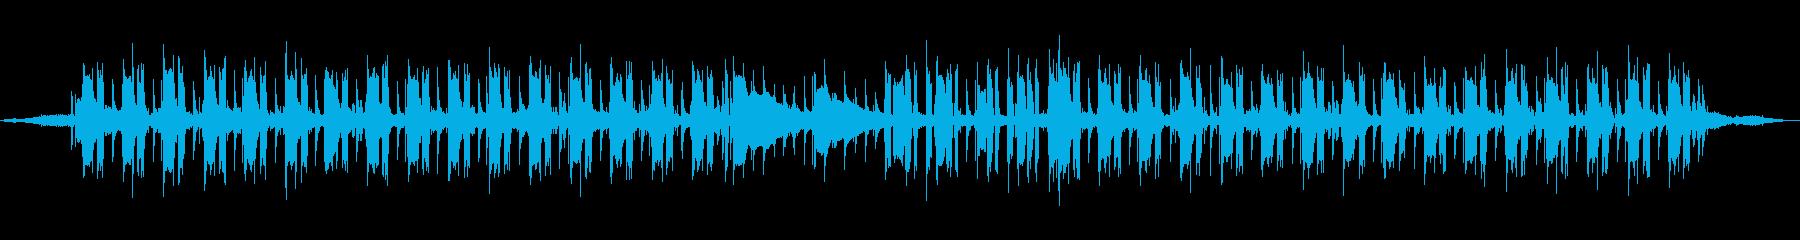 波の音とジャズバンドの再生済みの波形